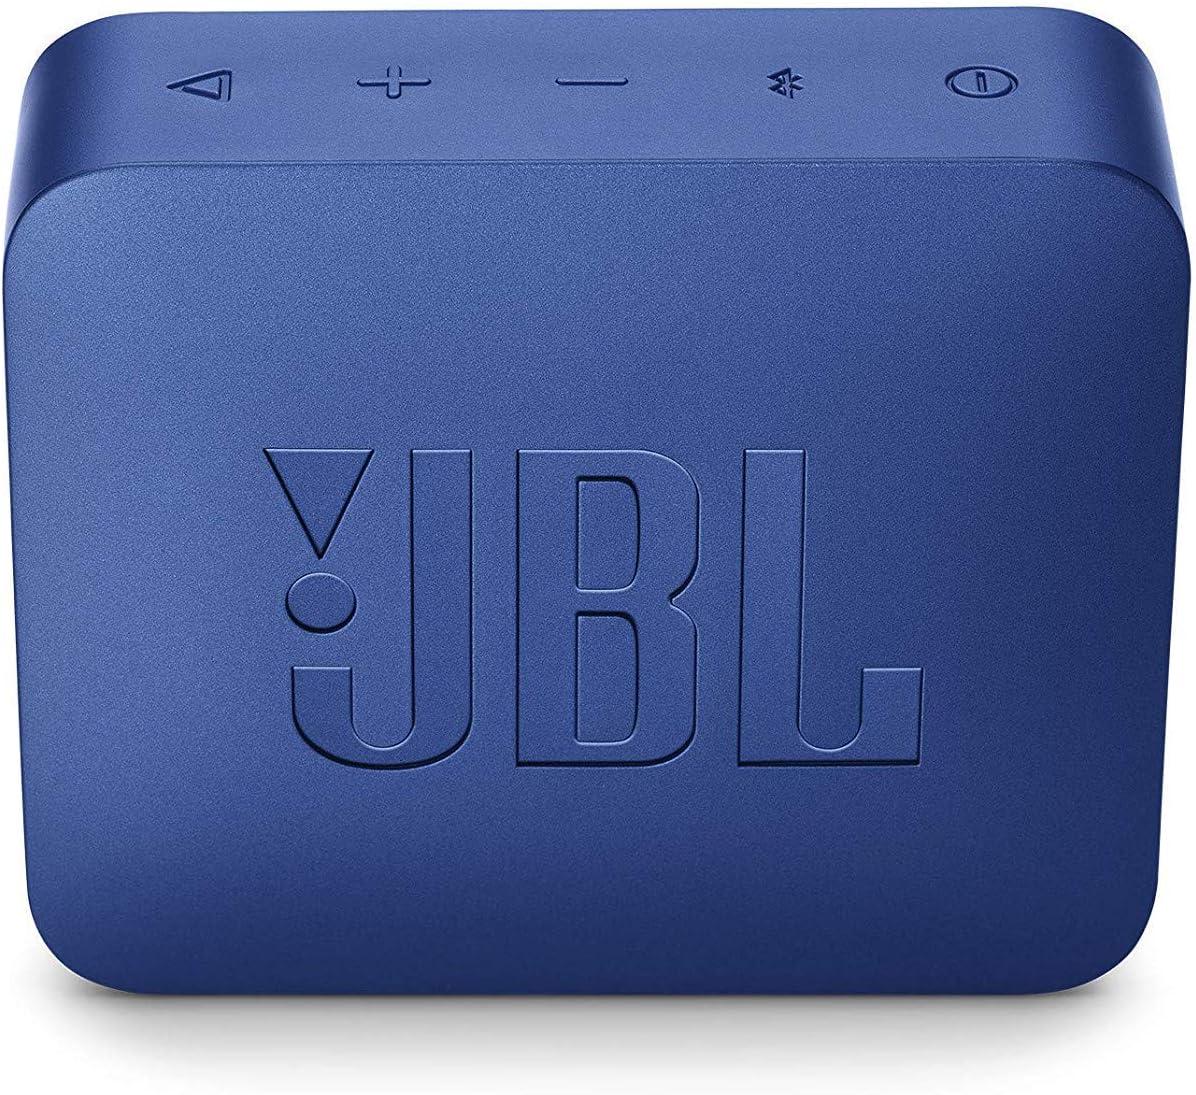 Jbl Go 2 Kleine Musikbox In Blau Wasserfester Portabler Bluetooth Lautsprecher Mit Freisprechfunktion Bis Zu 5 Stunden Musikgenuss Mit Nur Einer Akku Ladung Audio Hifi